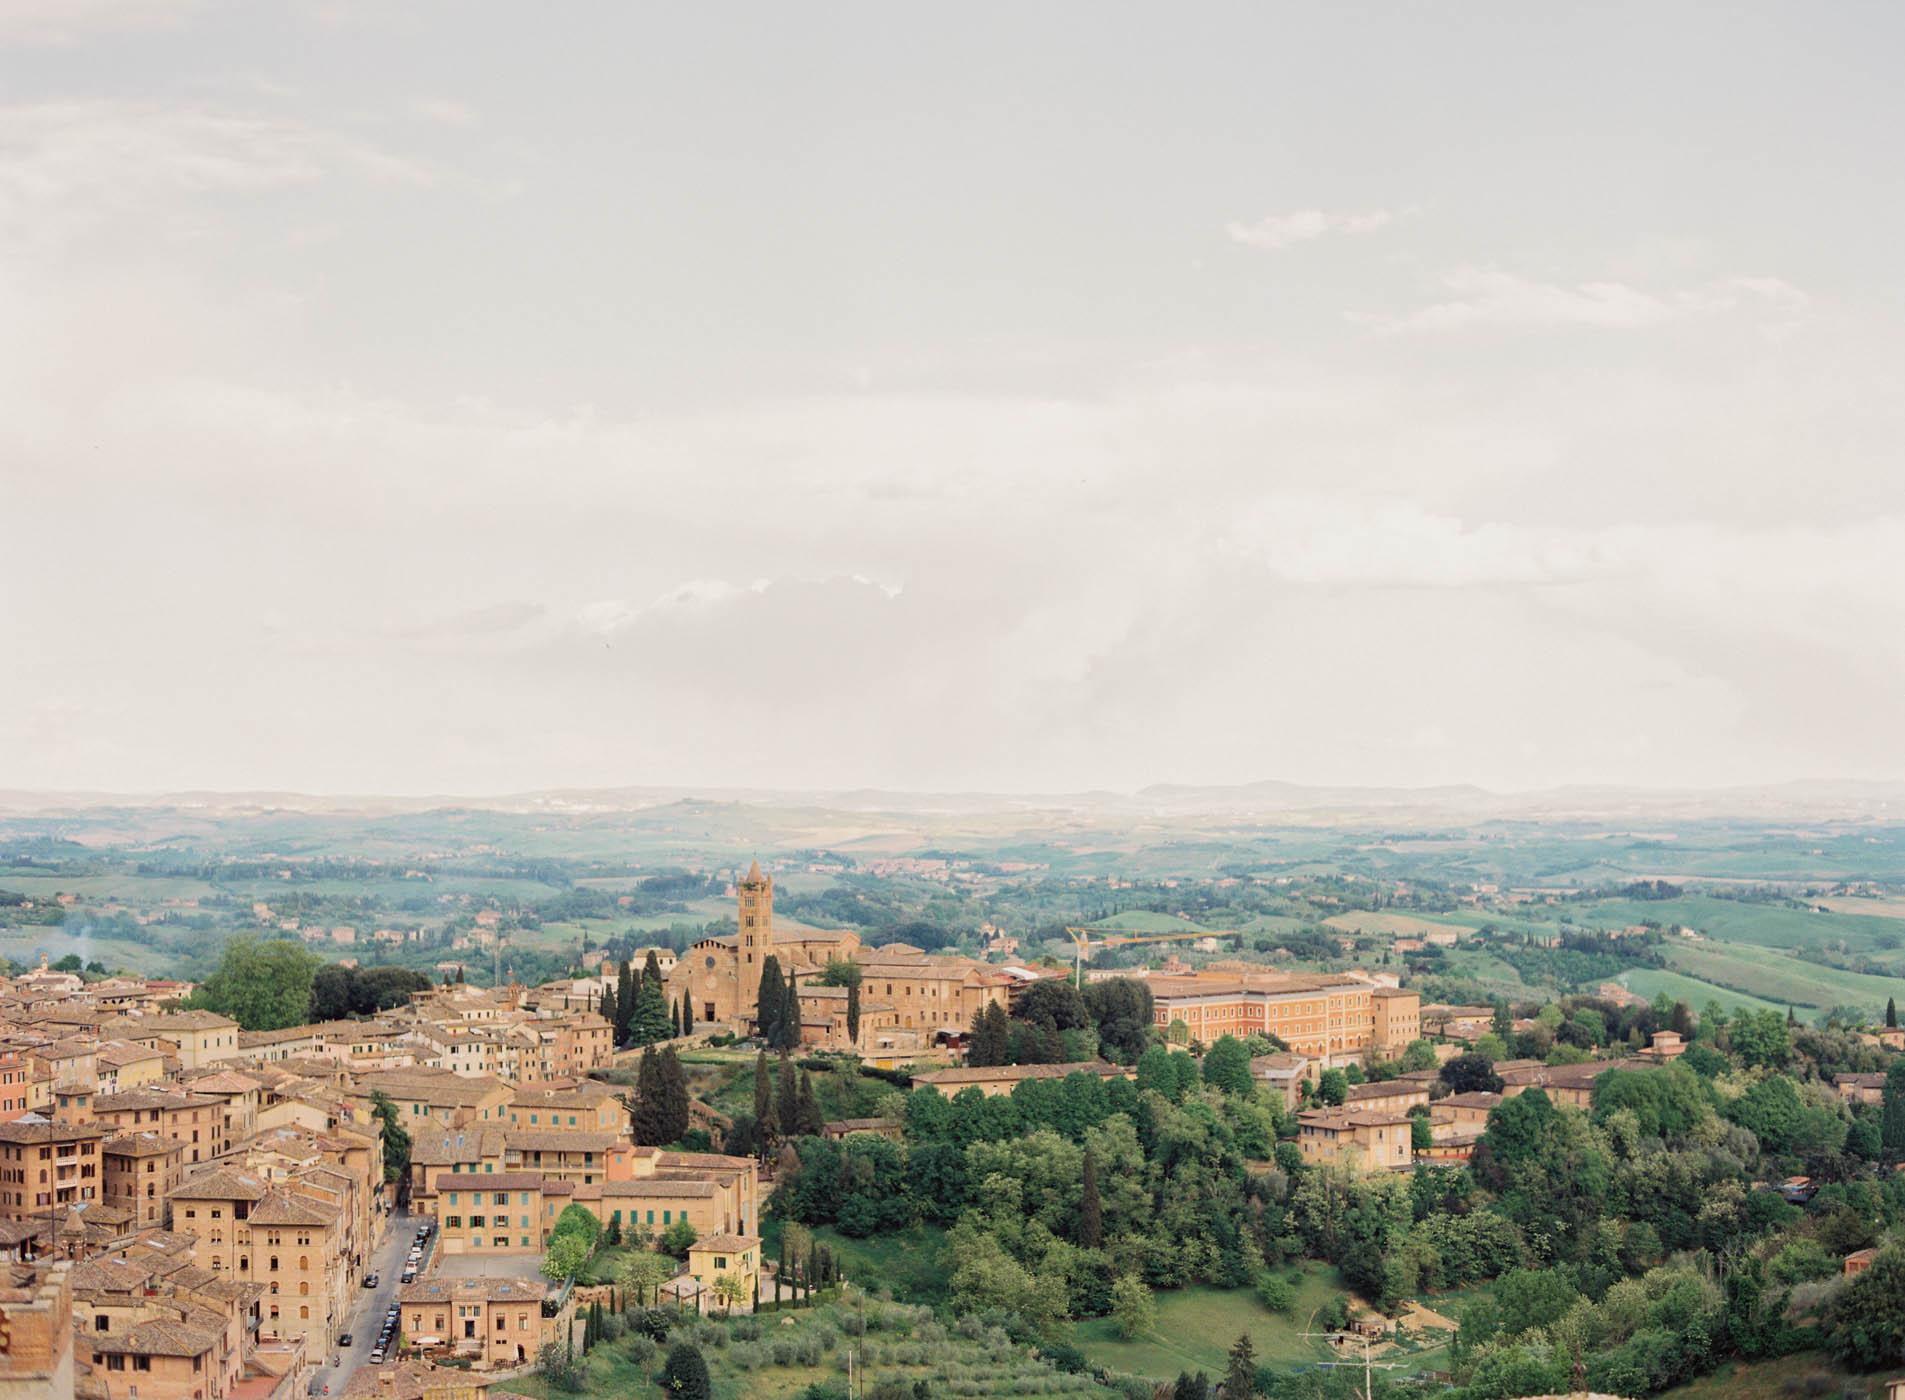 Rome_Travel-6-Jen_Huang-007314-R1-007.jpg